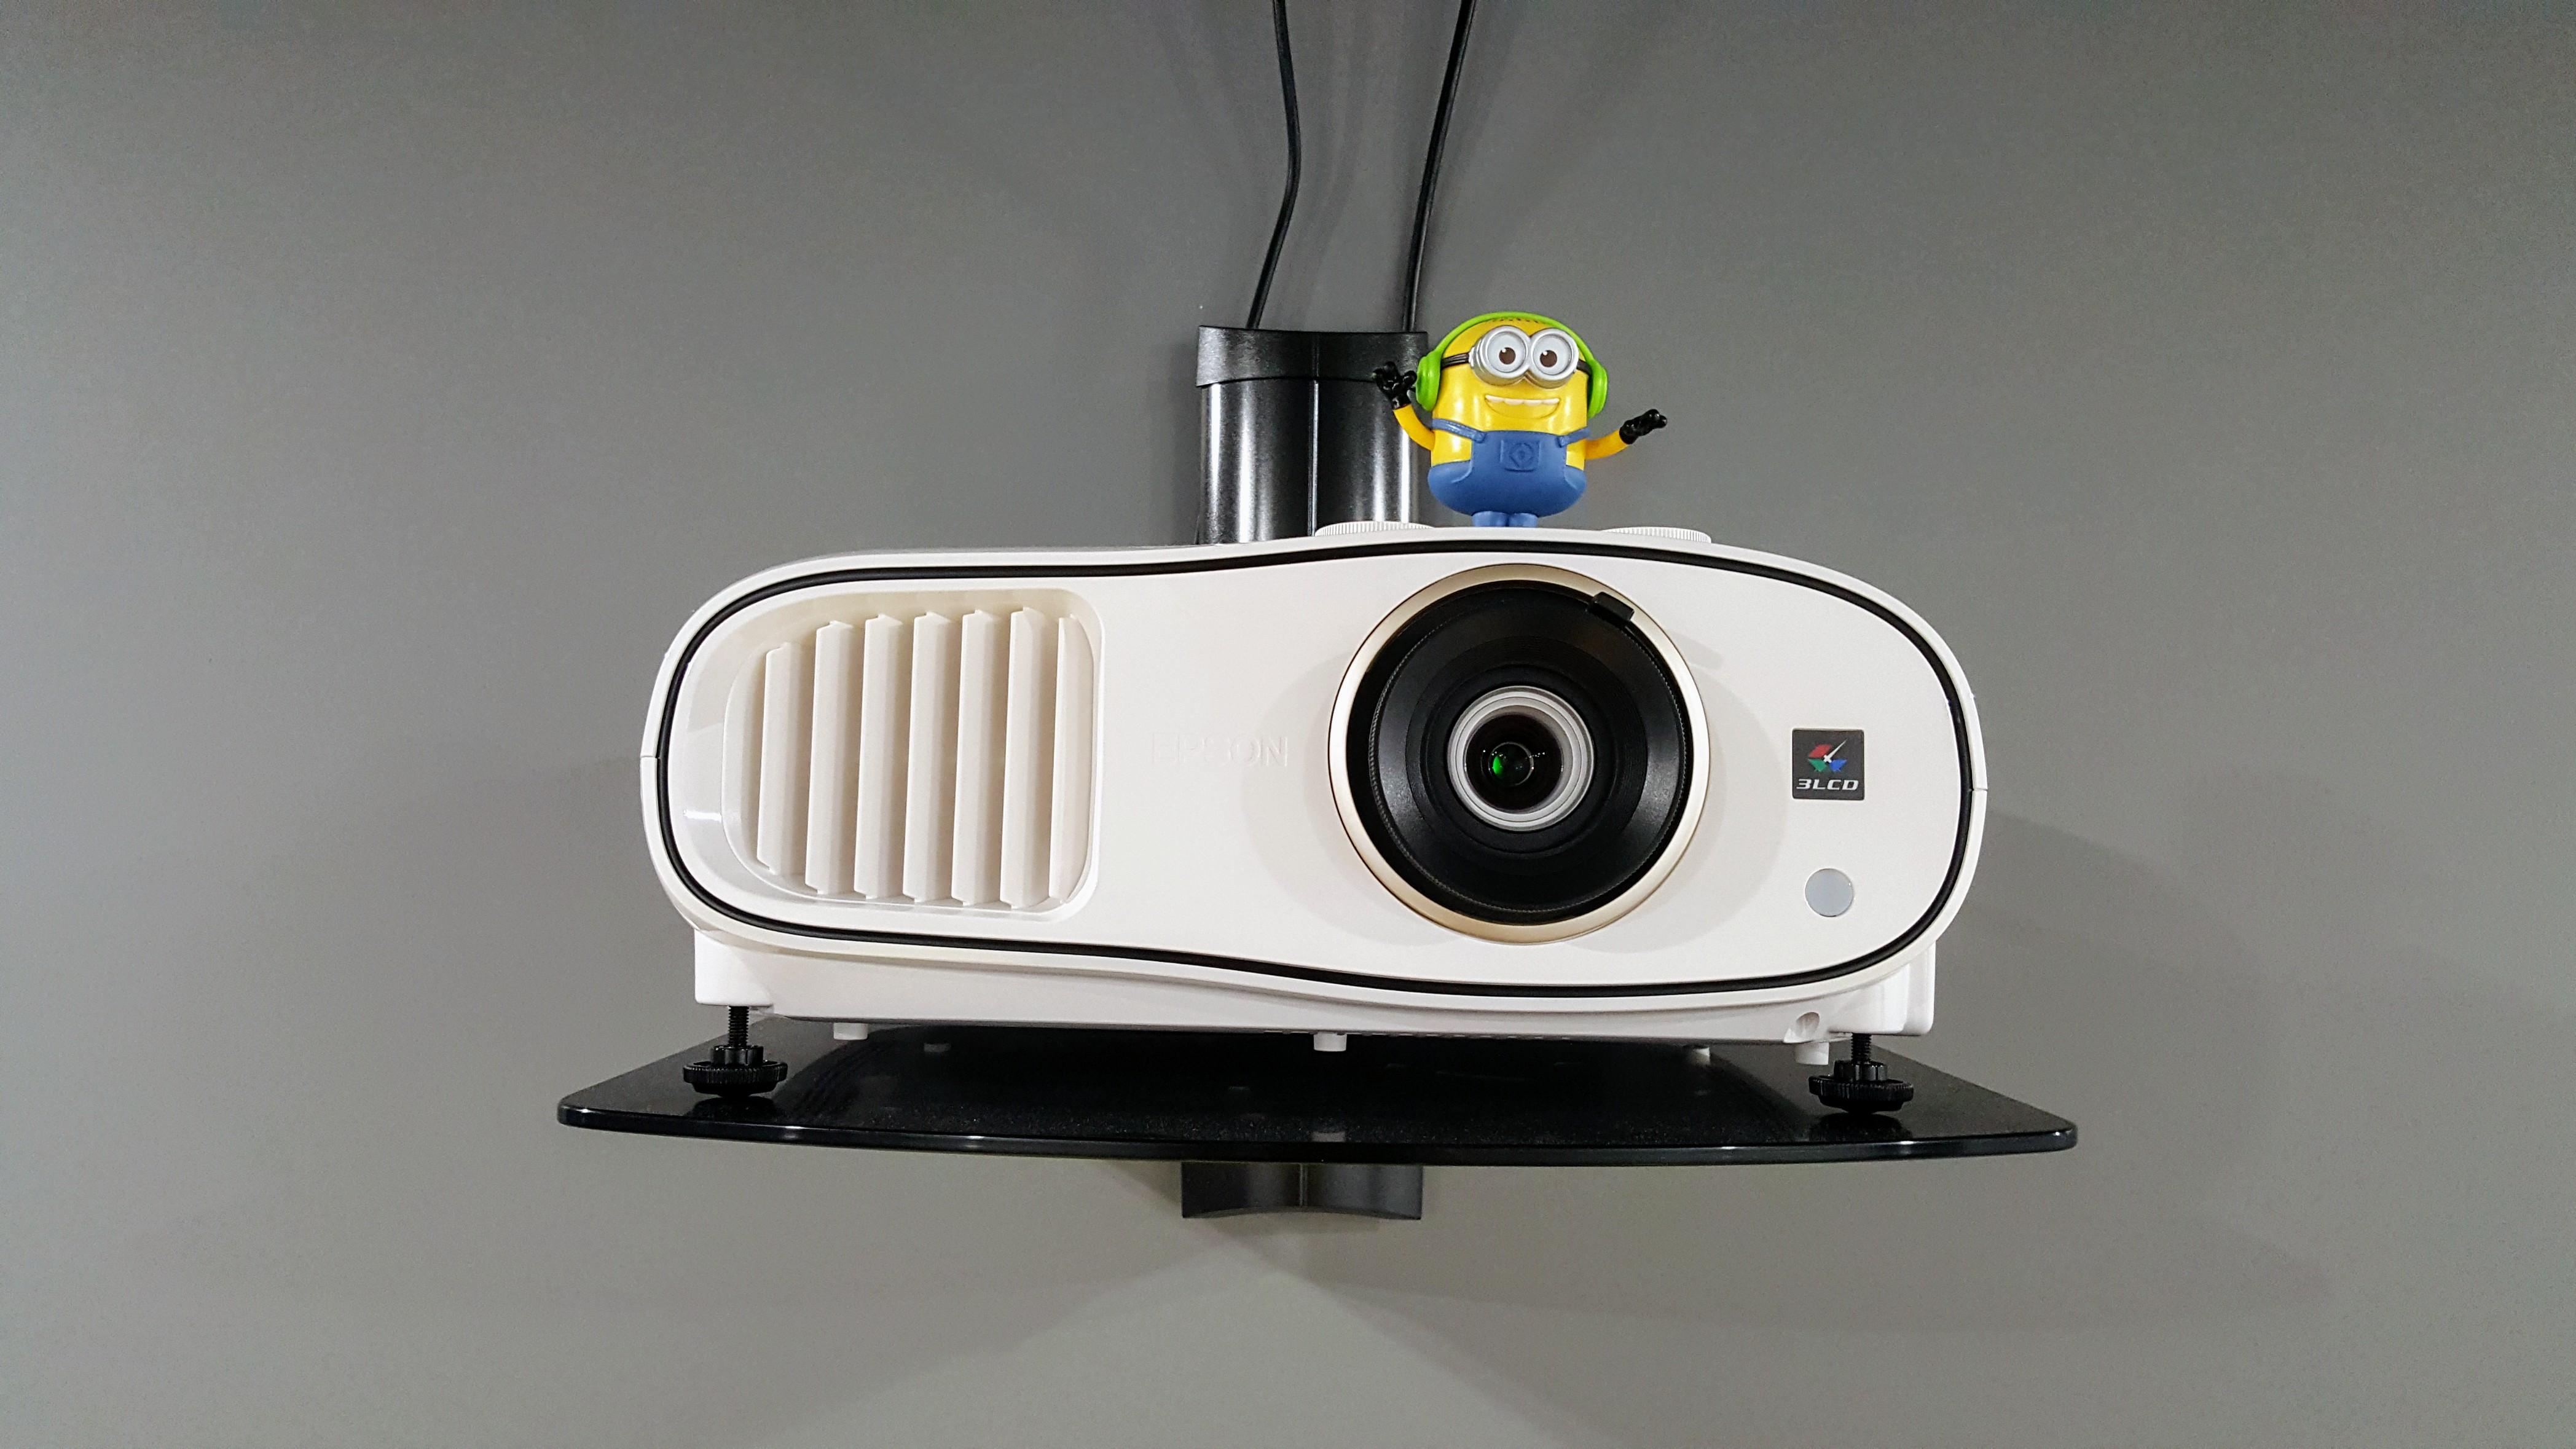 [Из песочницы] Проектор для кино на примере Epson EH-TW6700. Обзор и сравнение с LCD TV